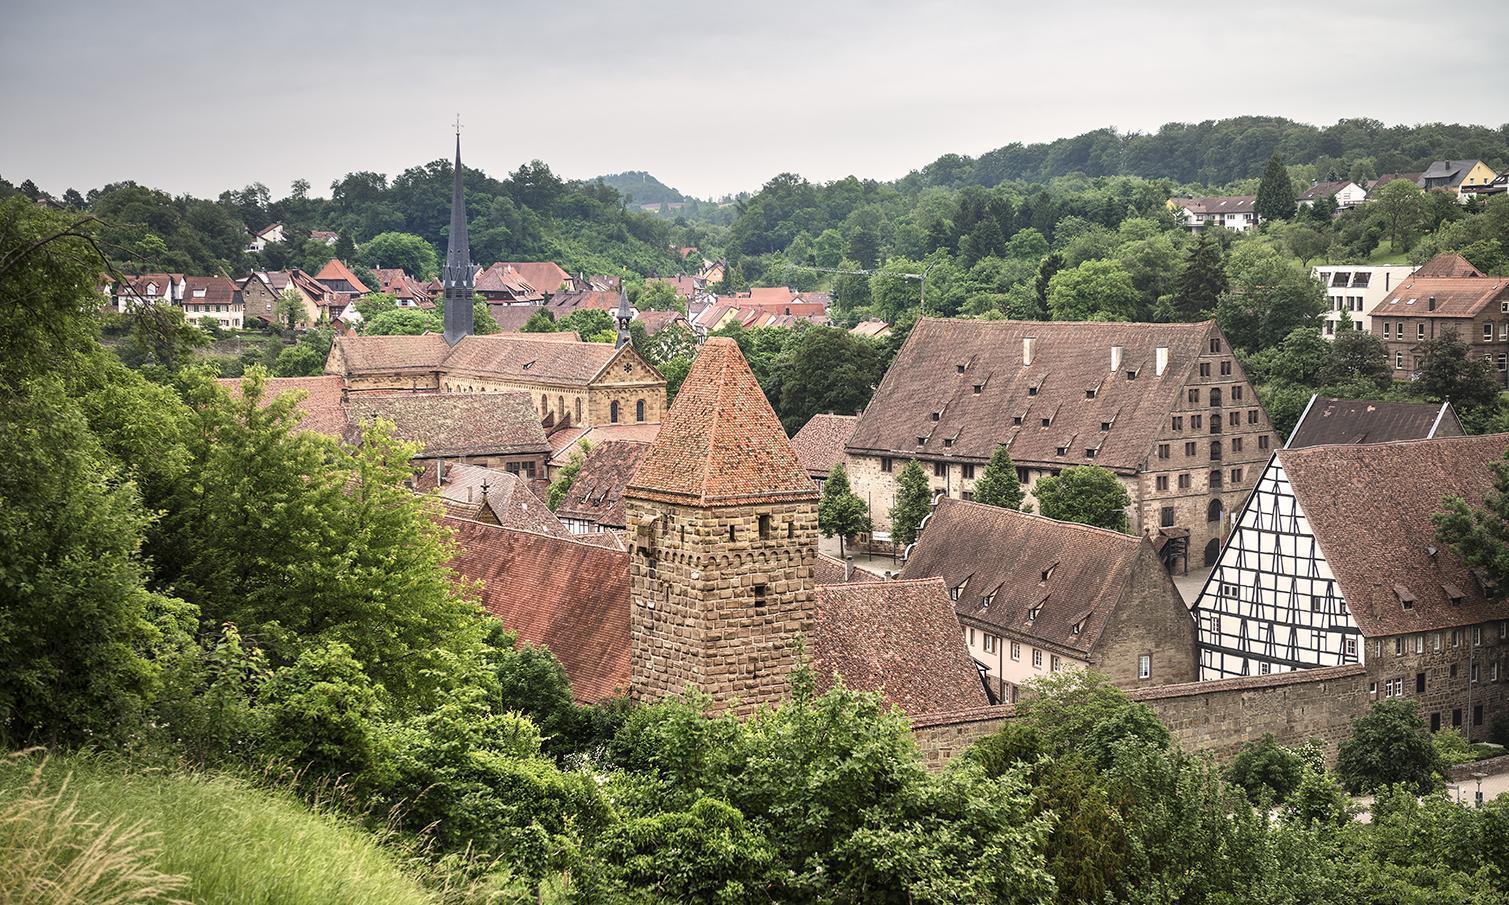 Kloster Maulbronn, Klostermauer und Wirtschaftshöfe; Foto: Staatliche Schlösser und Gärten Baden-Württemberg, Günther Bayerl